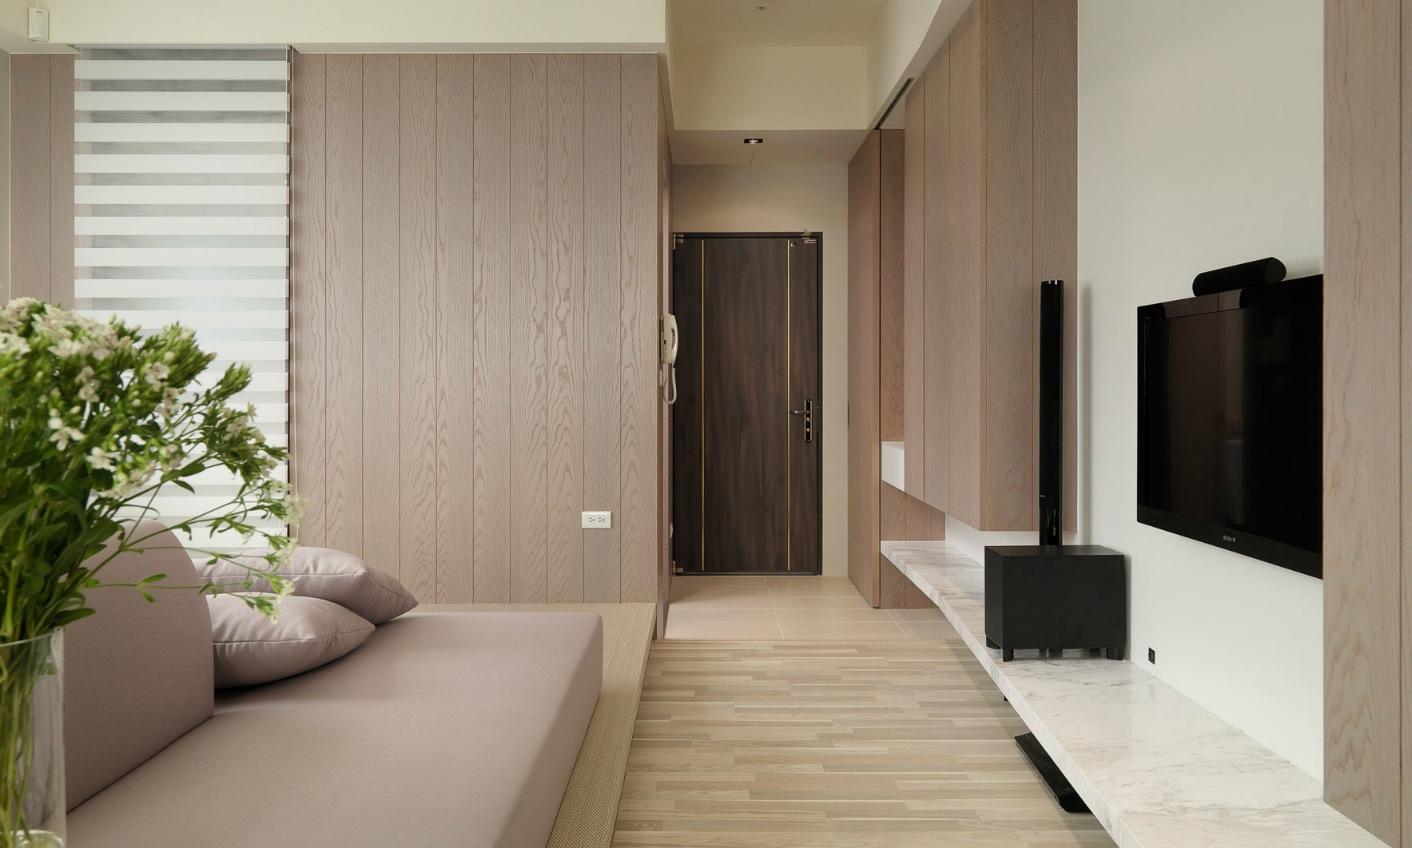 Деревянная отделка в интерьере маленькой однокомнатной квартиры